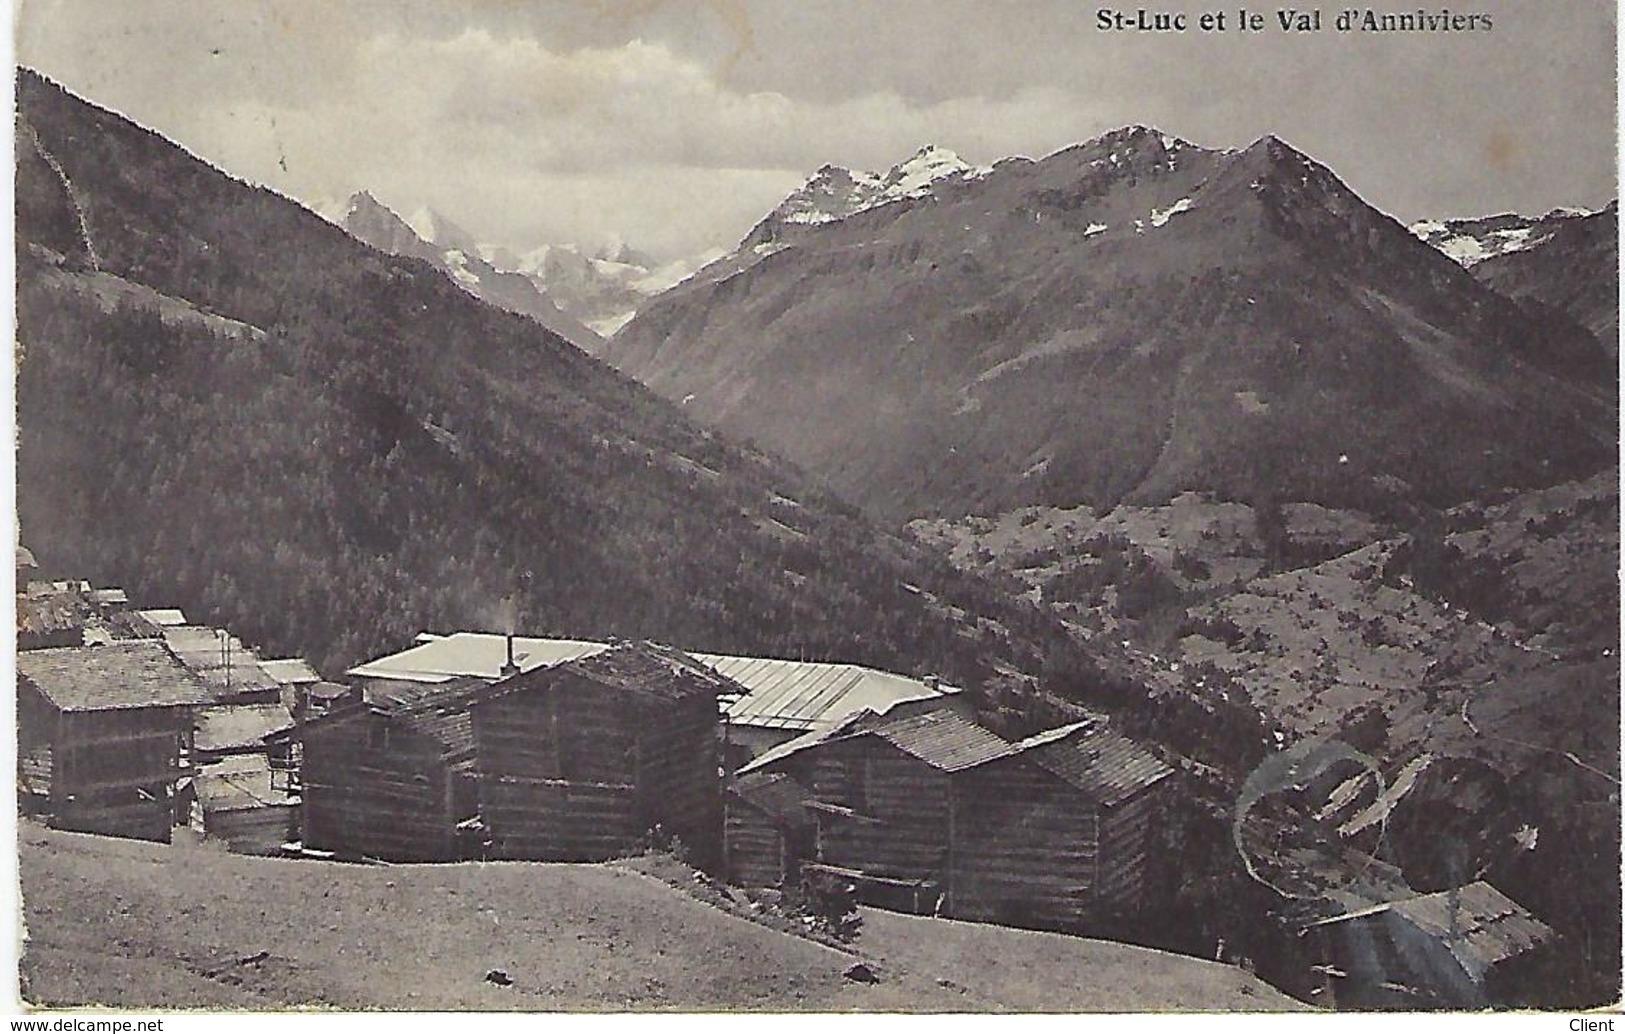 SCHWEIZ - St-Luc Et Le Val D'Anniviers - 1912 - VS Valais